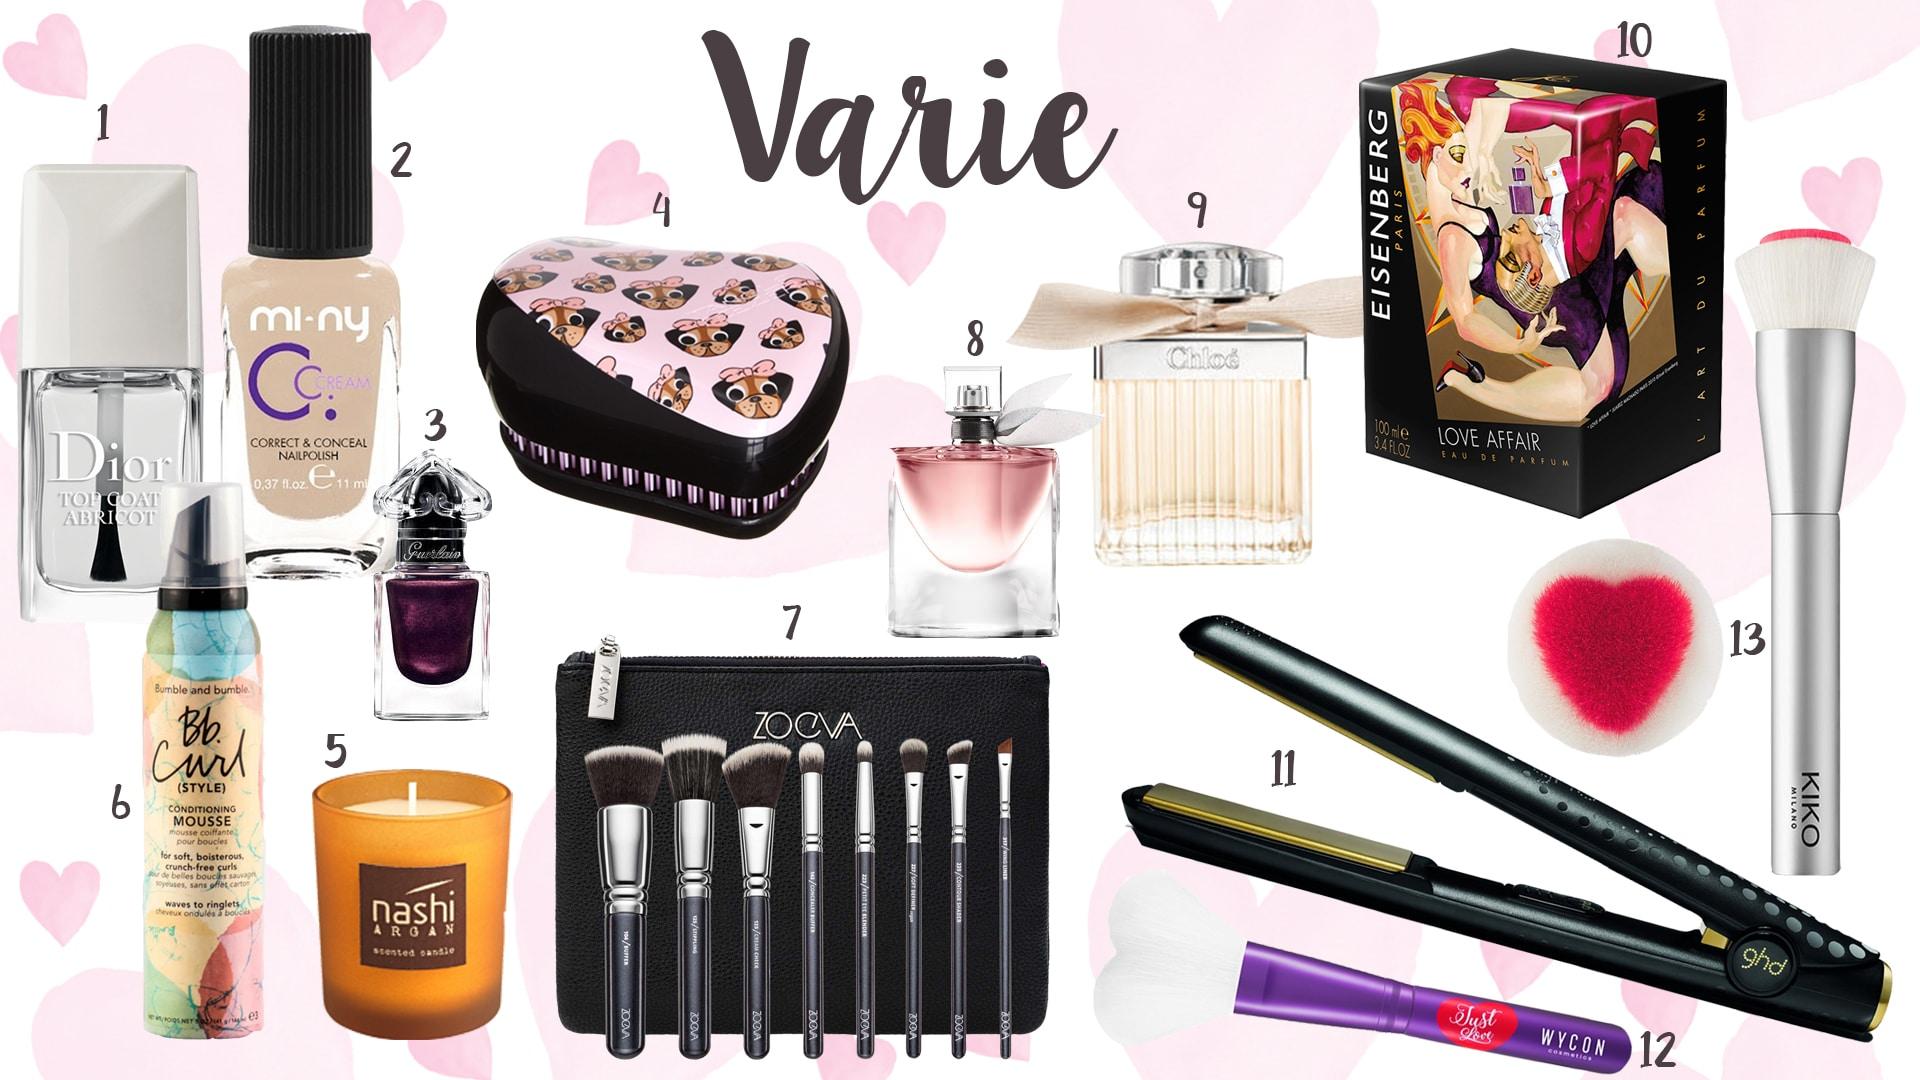 San Valentino 2017 - Idee regalo unghie, capelli, profumi e accessori